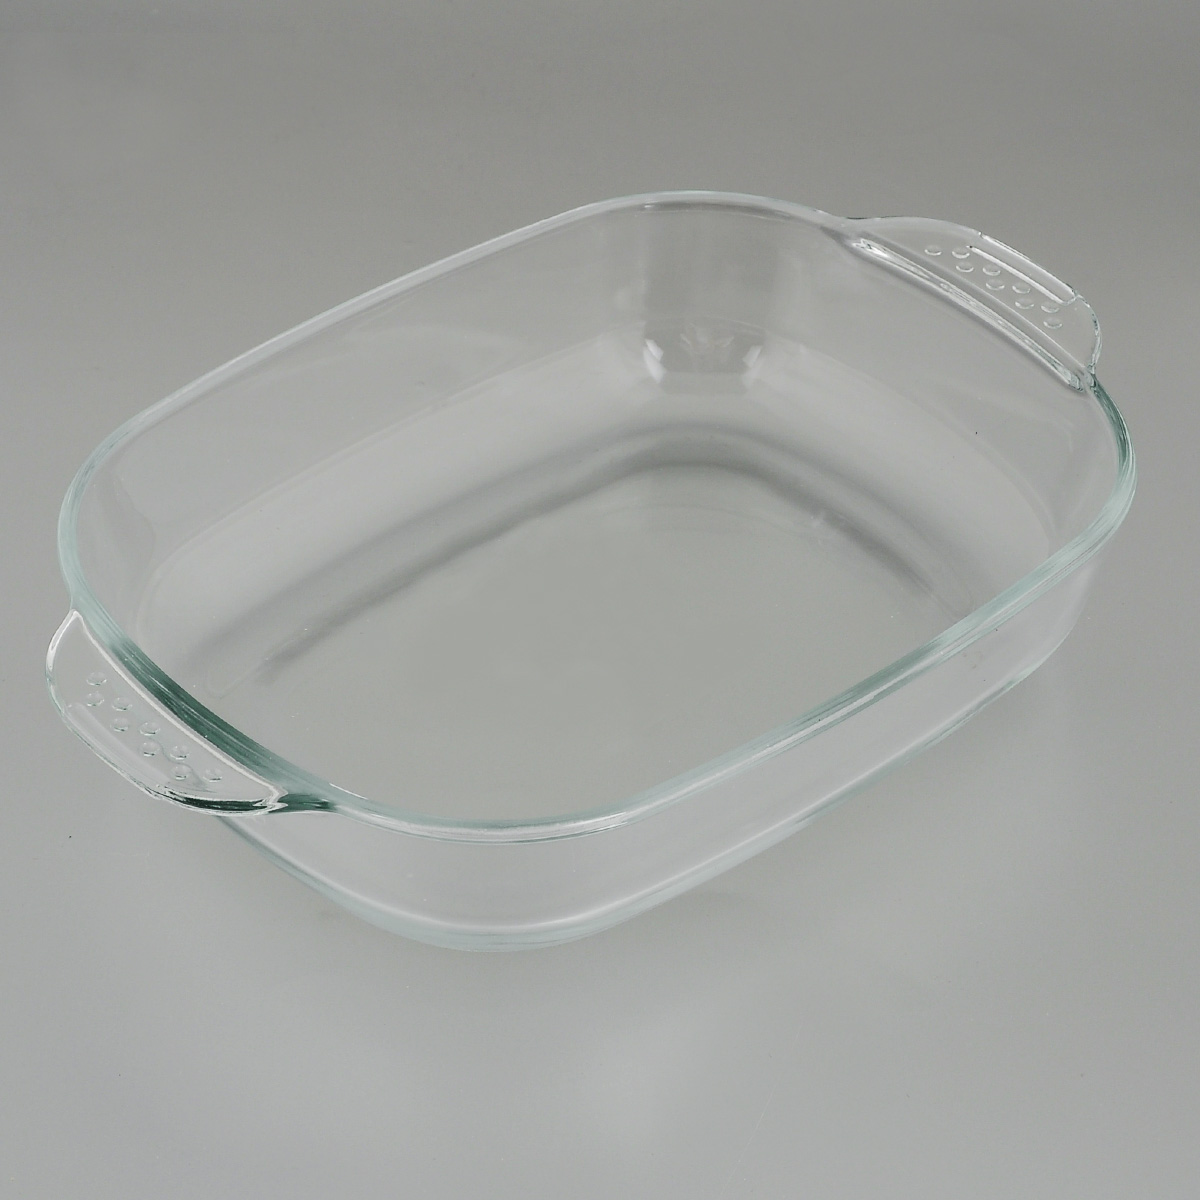 Форма для запекания Едим Дома, прямоугольная, 28 см х 18 смPVH6Прямоугольная форма для запекания Едим Дома изготовлена из жаропрочного стекла,которое выдерживает температуру до +450°С. Форма предназначена дляприготовления горячих блюд. Оснащена двумя ручками. Материал изделия гигиеничен, прост в уходе и обладает высокой степенью прочности.Форма идеально подходит для использования в духовках, микроволновых печах,холодильниках и морозильных камерах. Также ее можно использовать на газовыхплитах (на слабом огне) и на электроплитах. Можно мыть в посудомоечноймашине. Внутренний размер формы: 23 см х 18 см. Внешний размер формы (с учетом ручек): 28 см х 18 см.Высота стенки формы: 5 см.